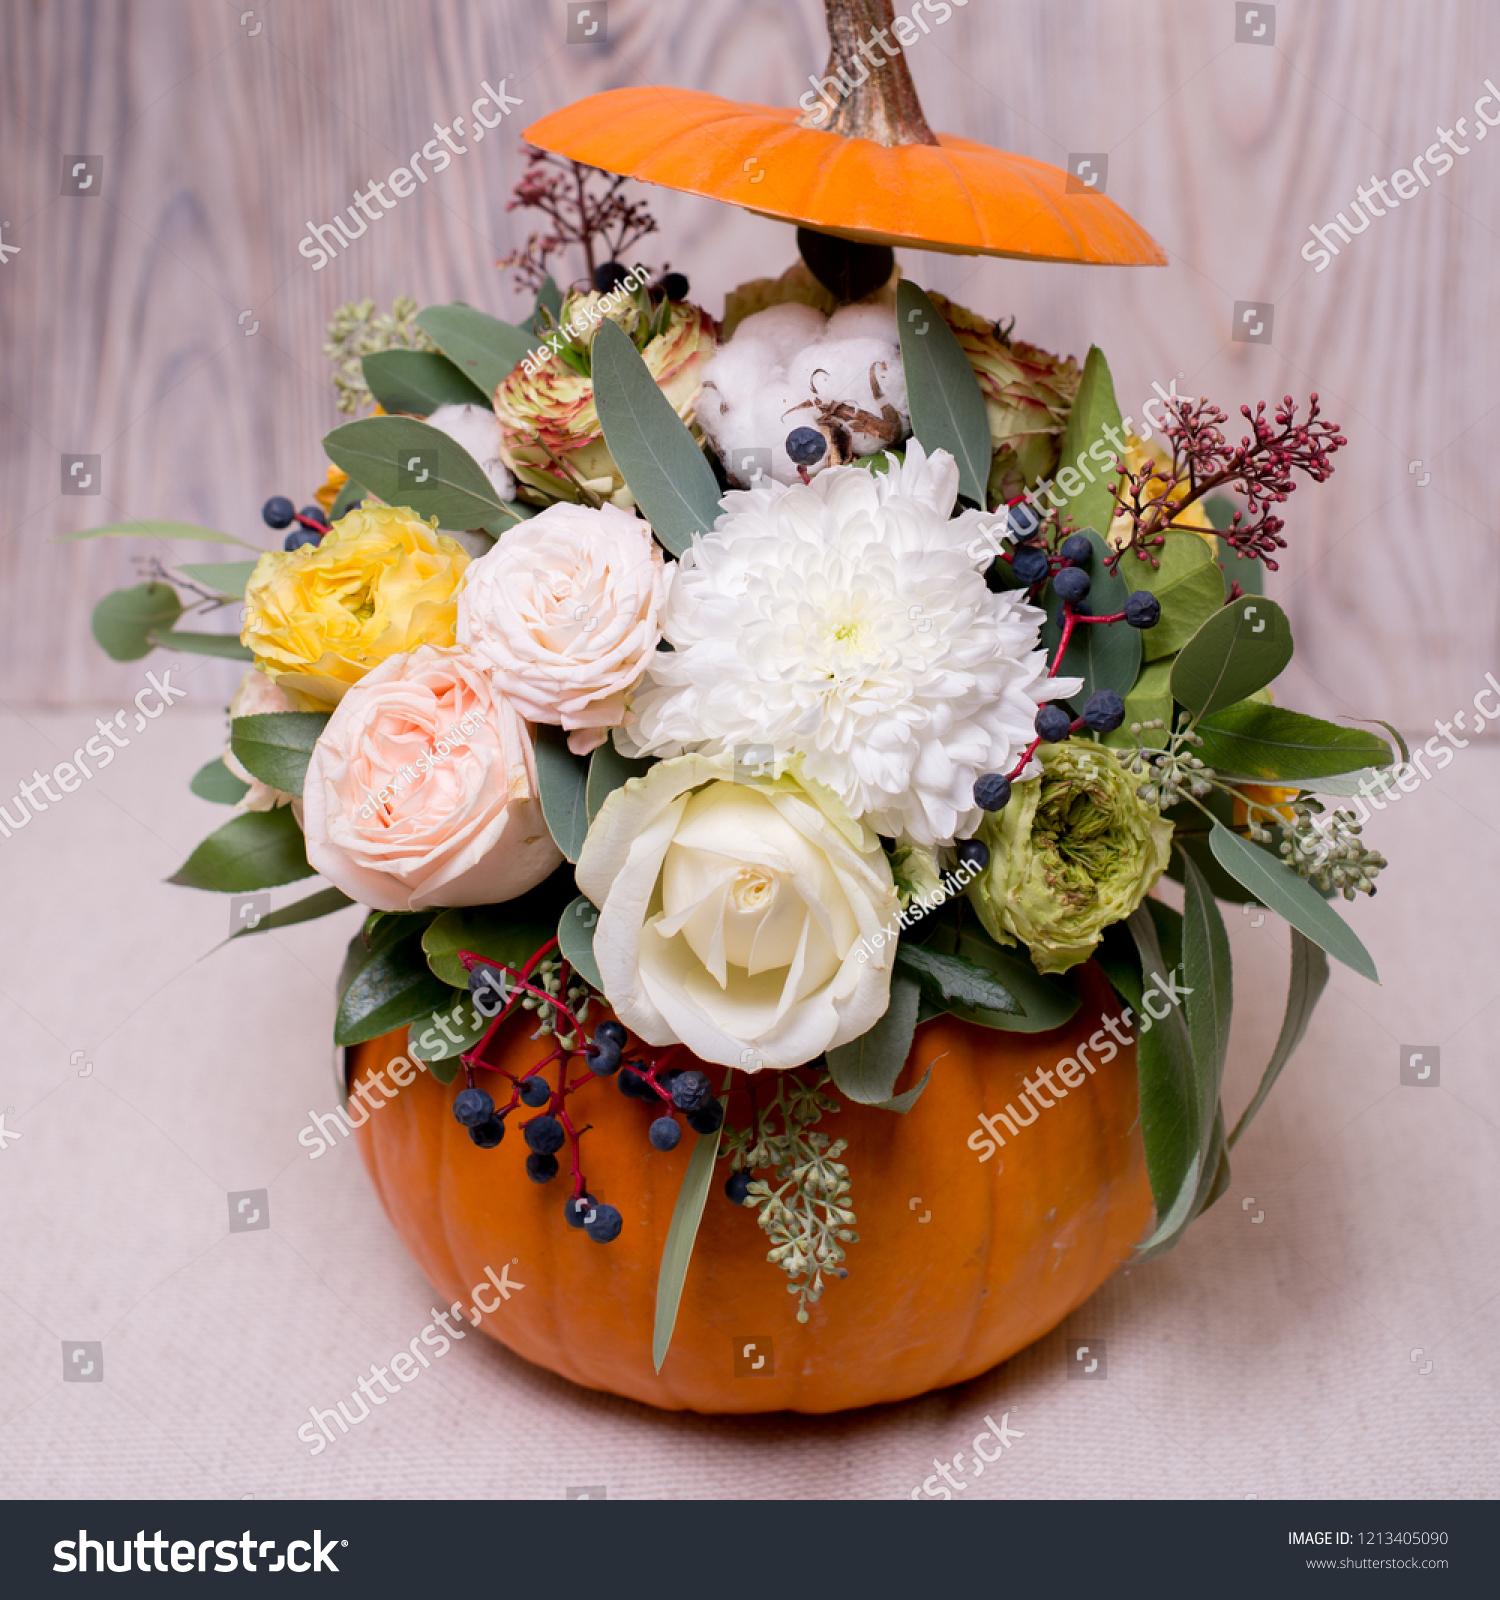 Autumn Floral Bouquet Pumpkin Vase On Stock Photo Edit Now 1213405090